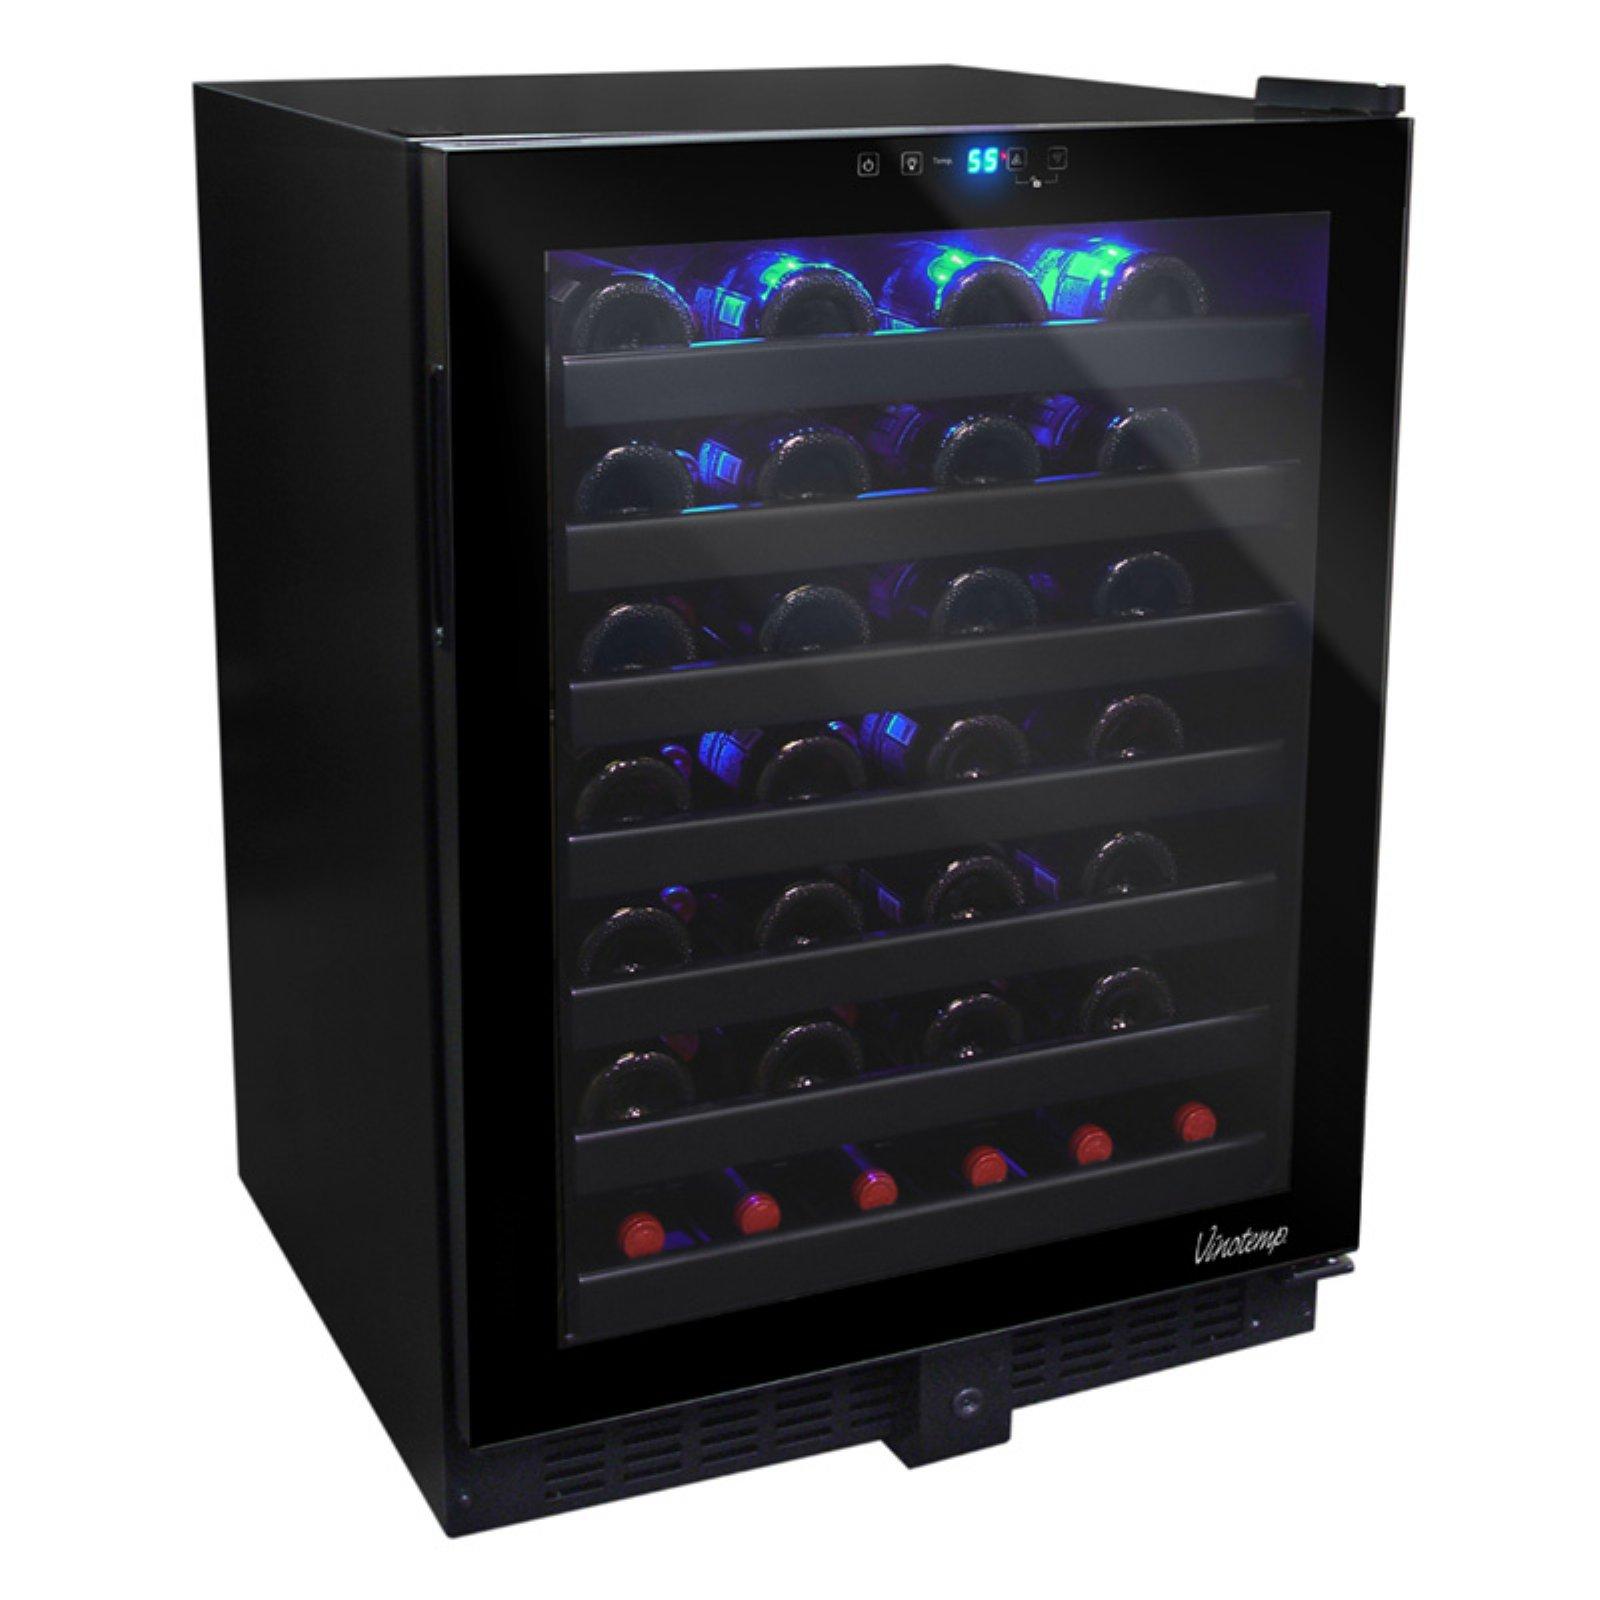 Vinotemp 54 Bottle Touch Screen Wine Cooler